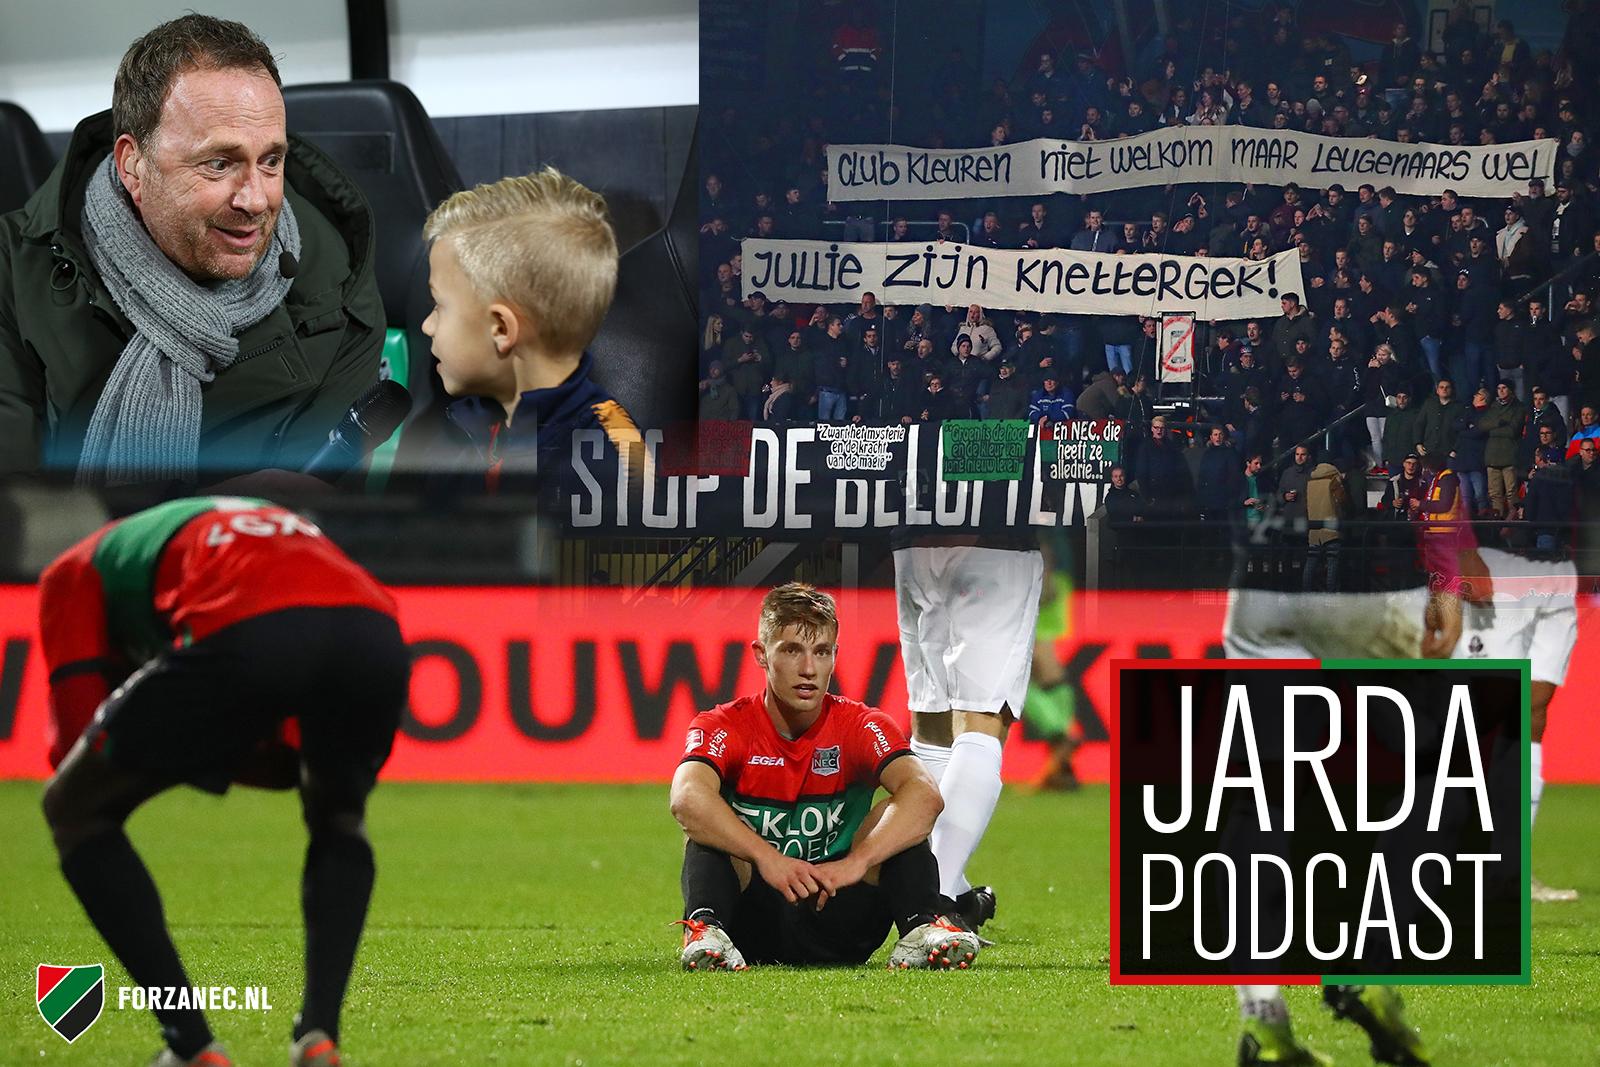 Jarda Podcast #28: Een schip met geld en het bizarre spandoek-statement van NEC